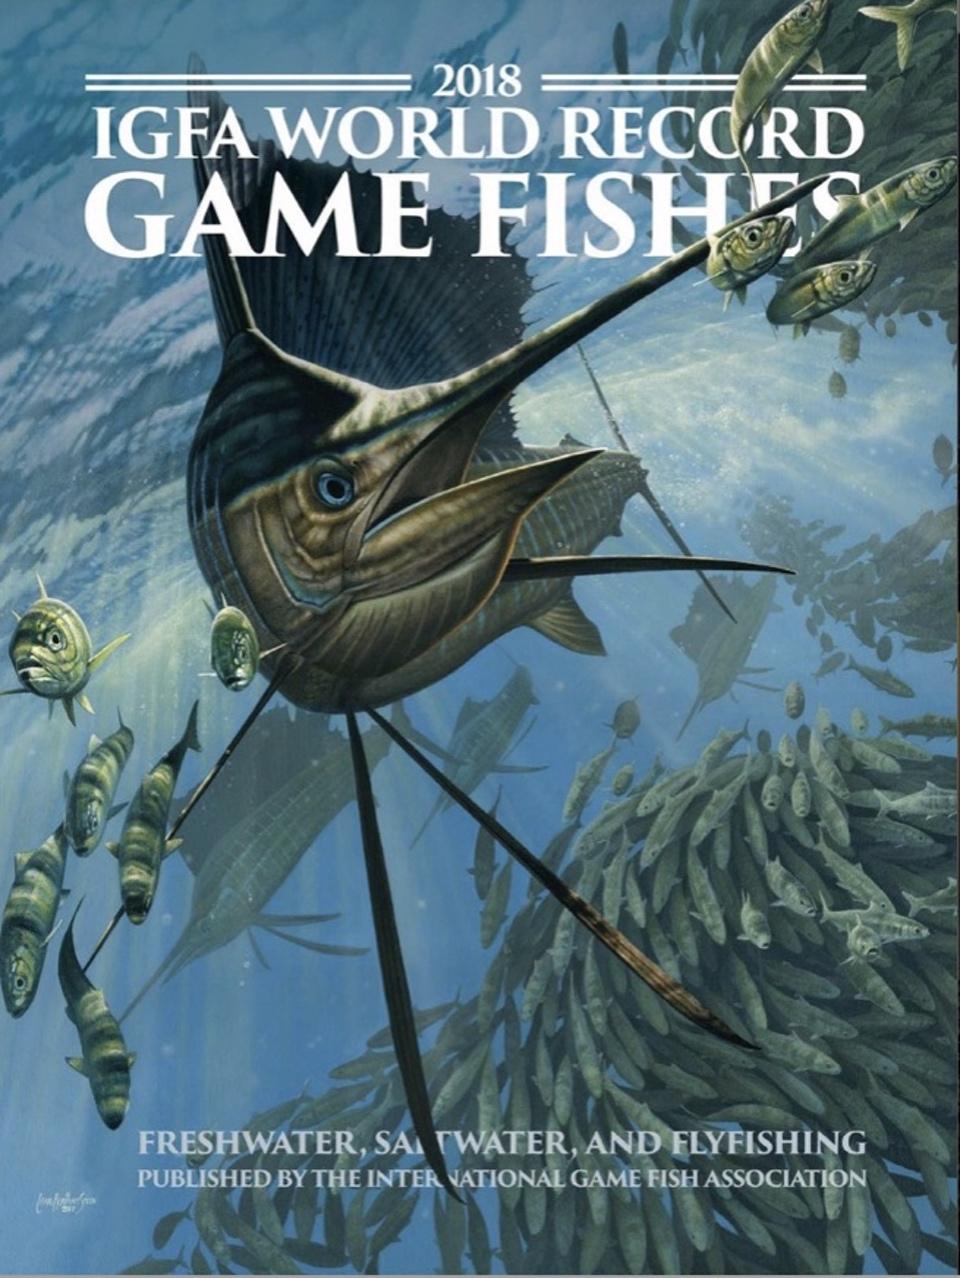 World record Game fish IGFA World Record